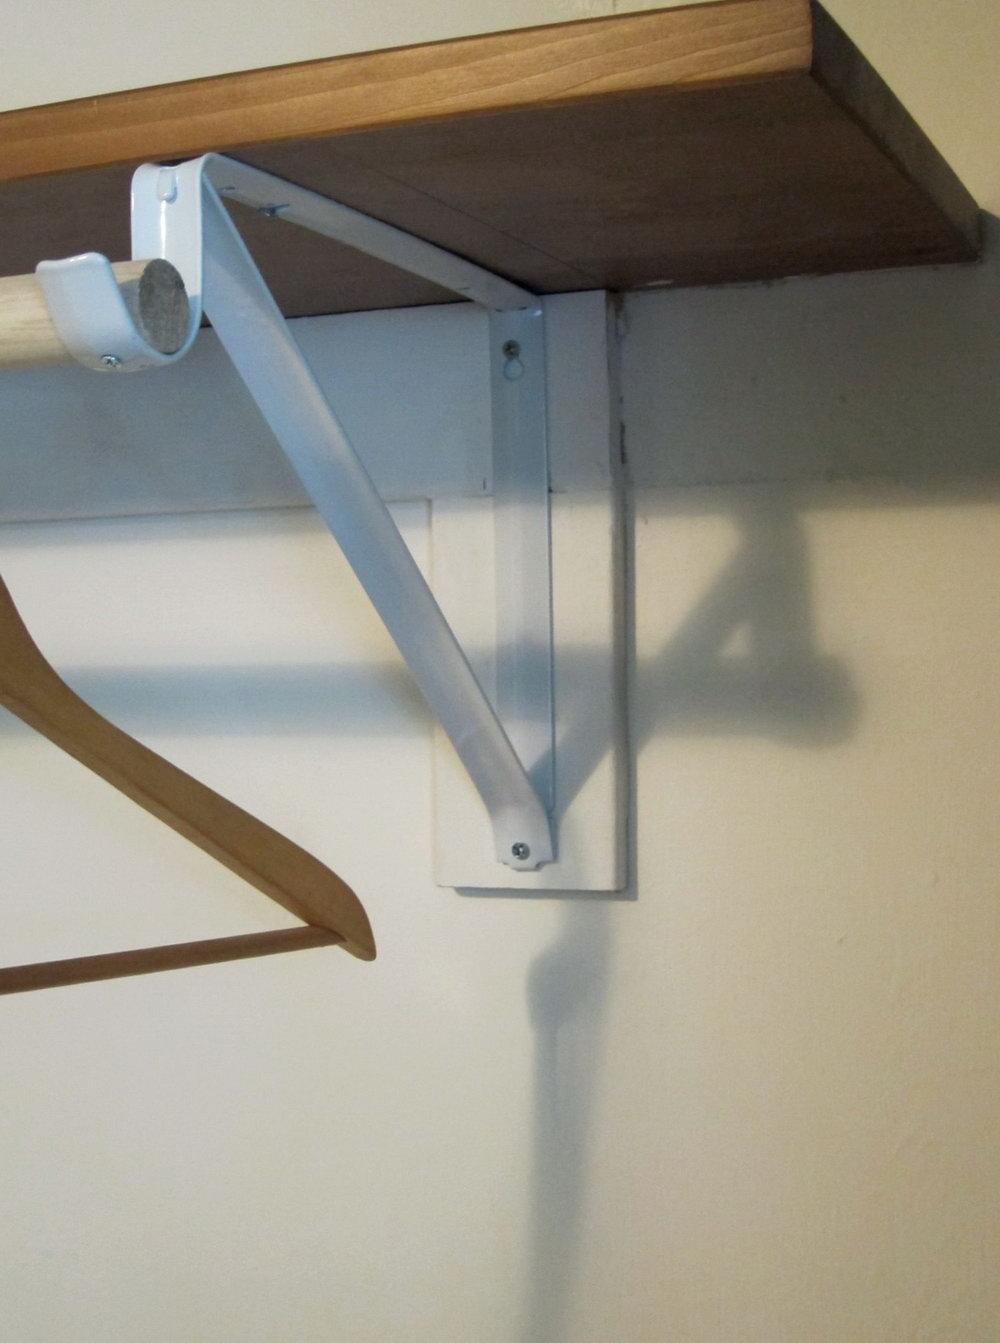 Closet Shelf Brackets Lowes